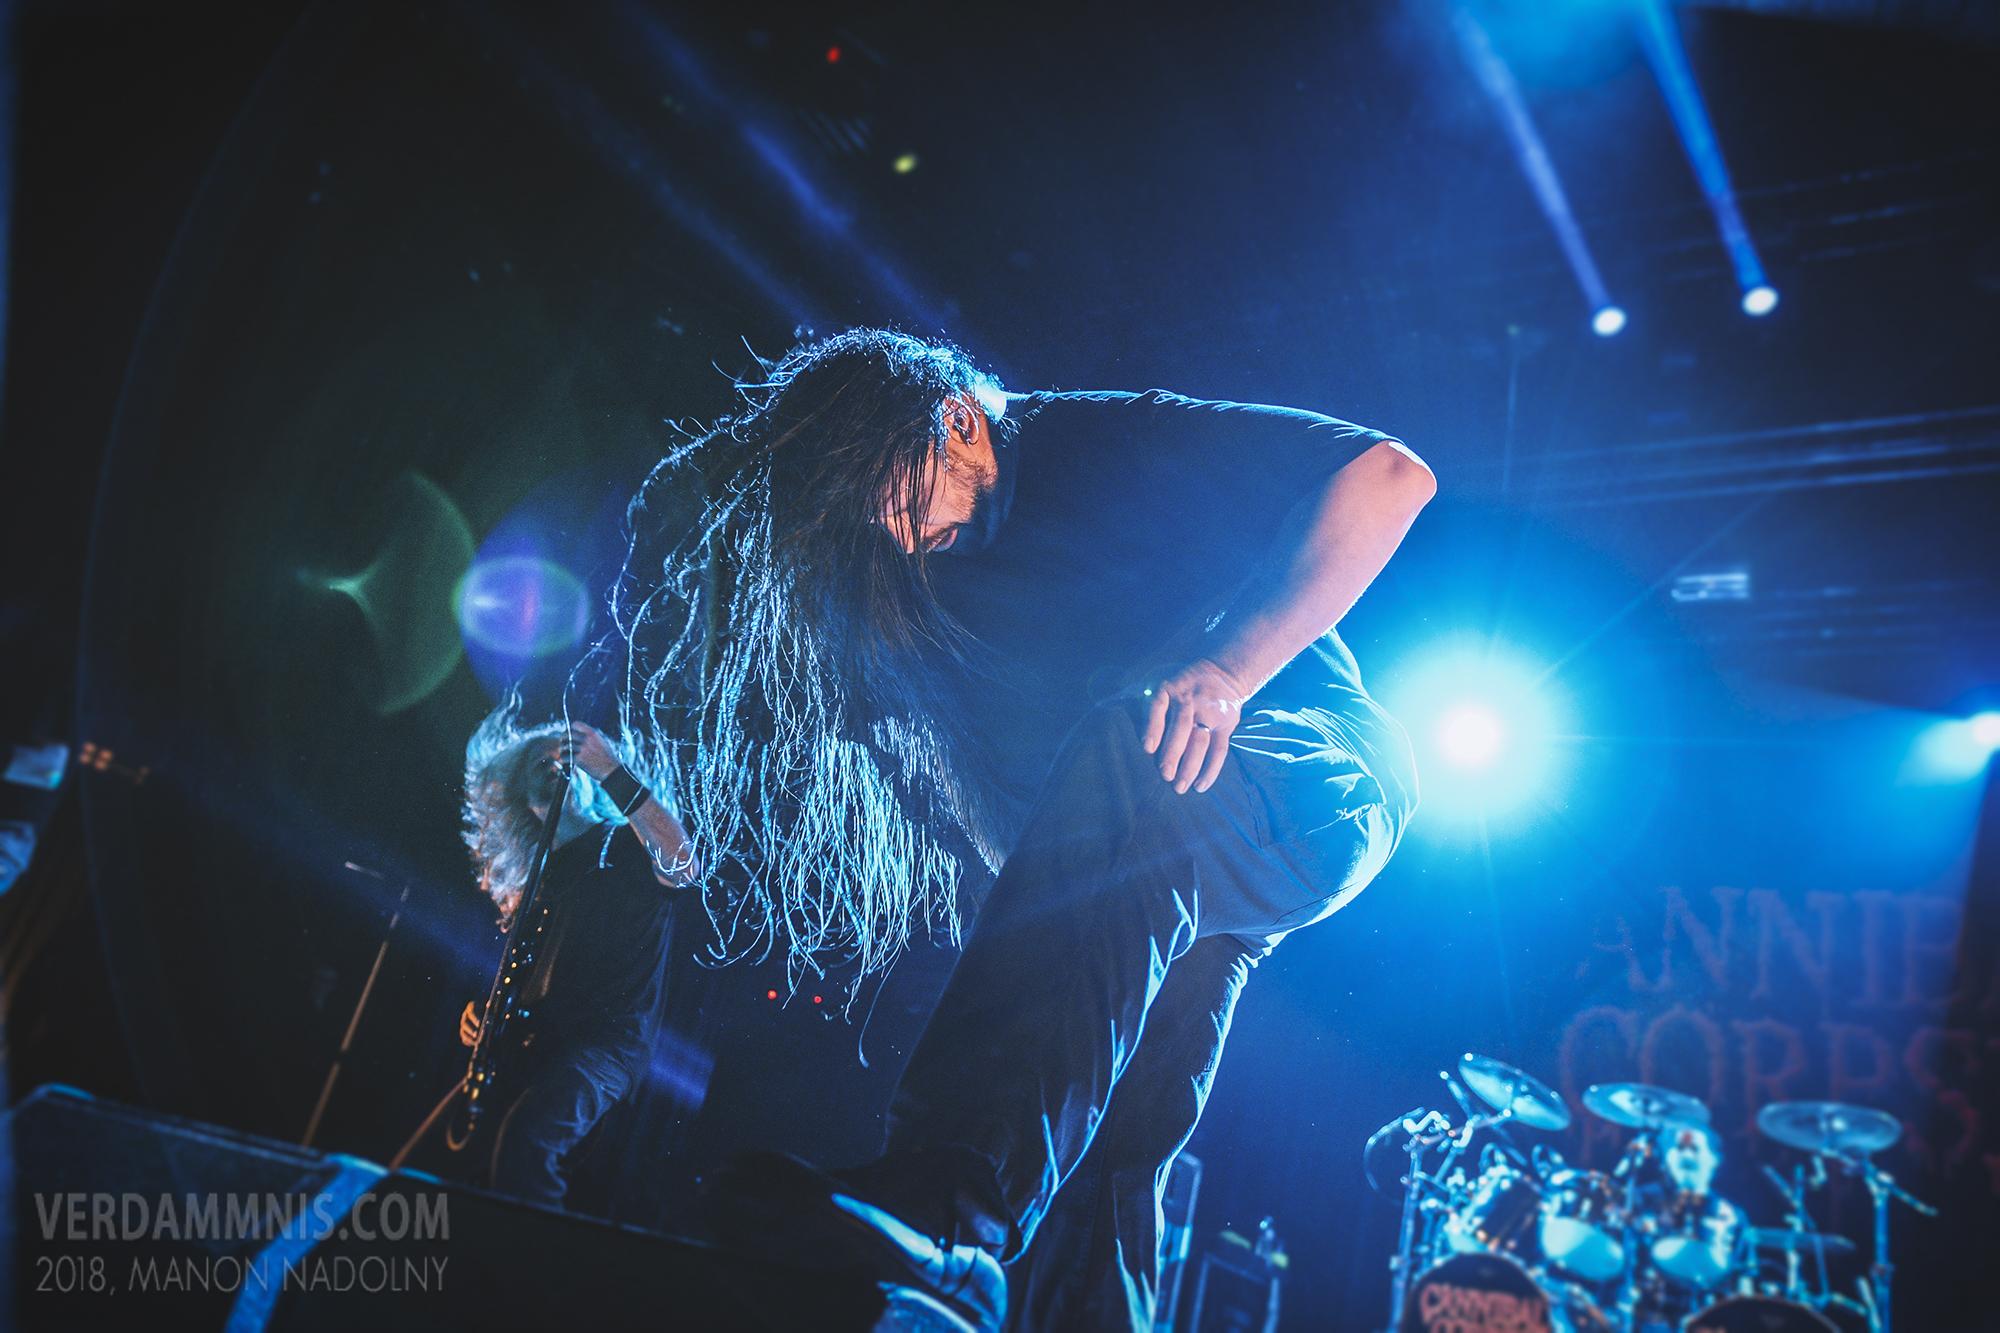 Cannibal Corpse - La Belle Electrique(01 mars 2018)